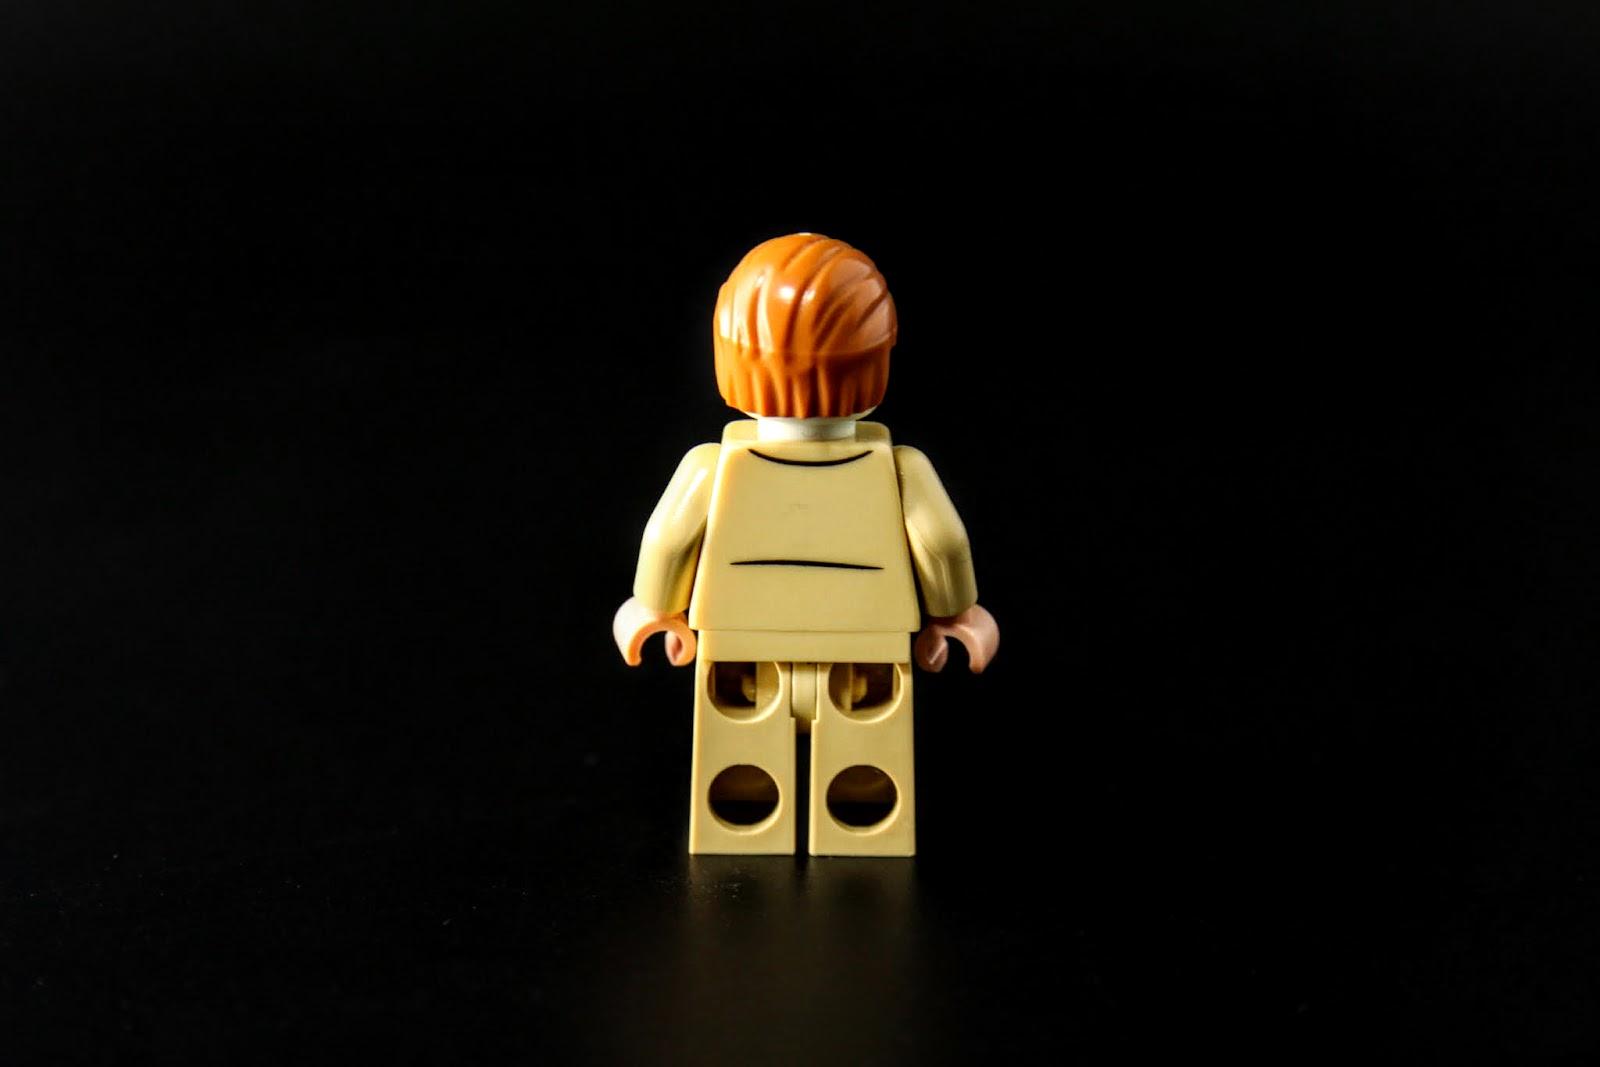 基本上LEGO絕境士兵都是蒼白臉,身體不好